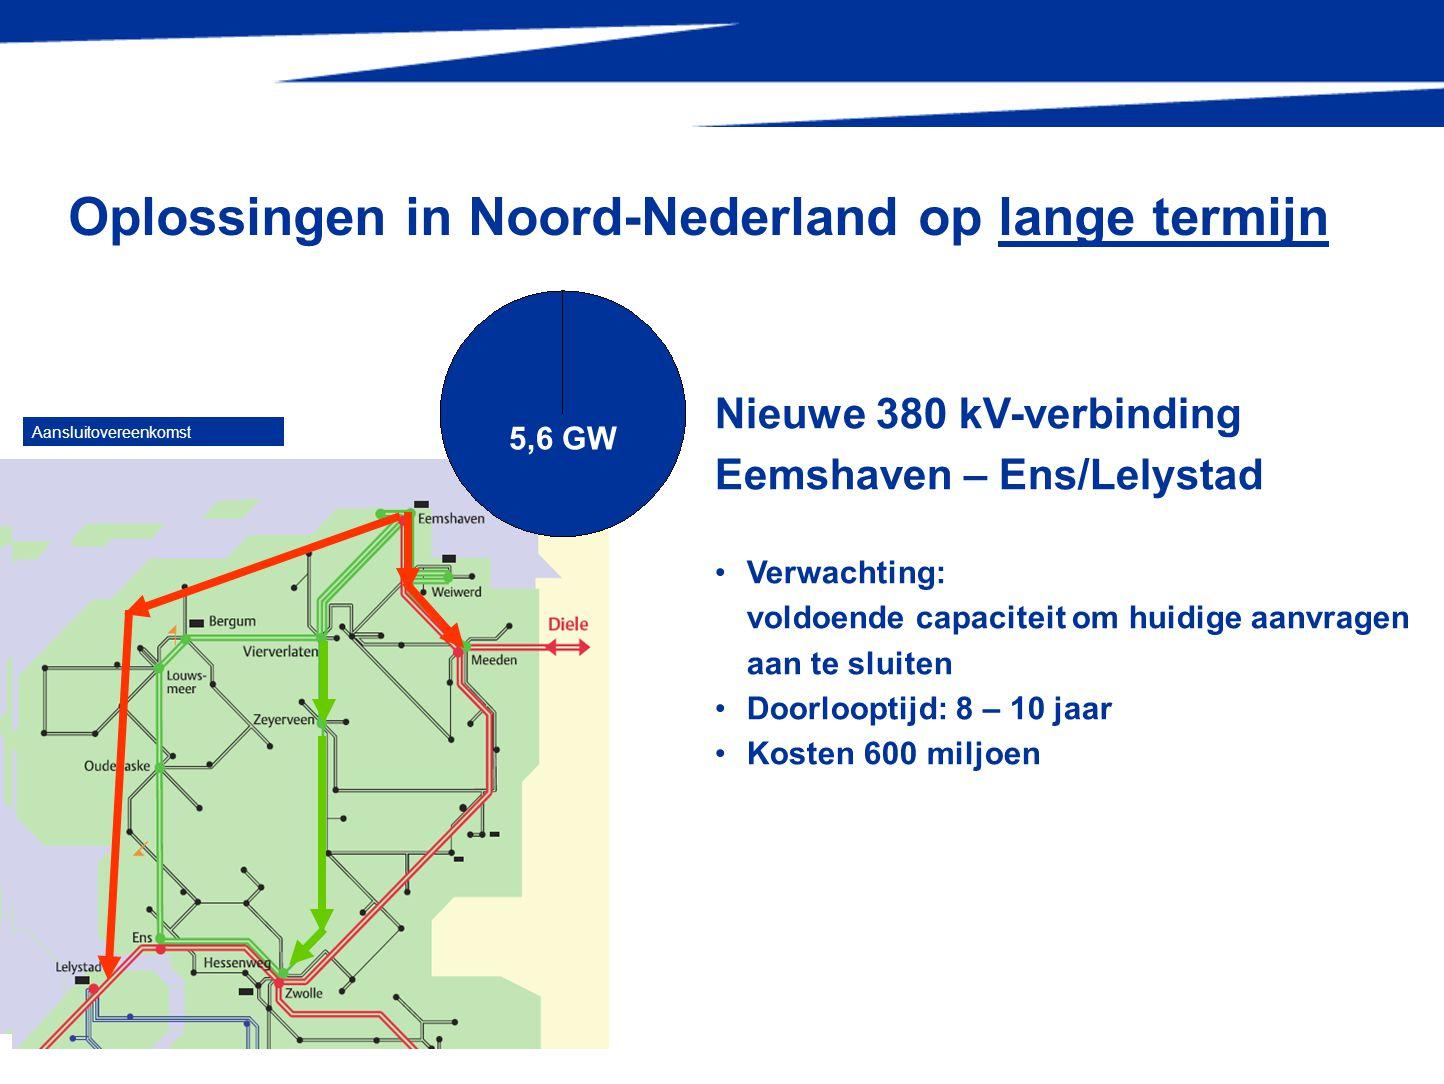 Oplossingen in Noord-Nederland op lange termijn